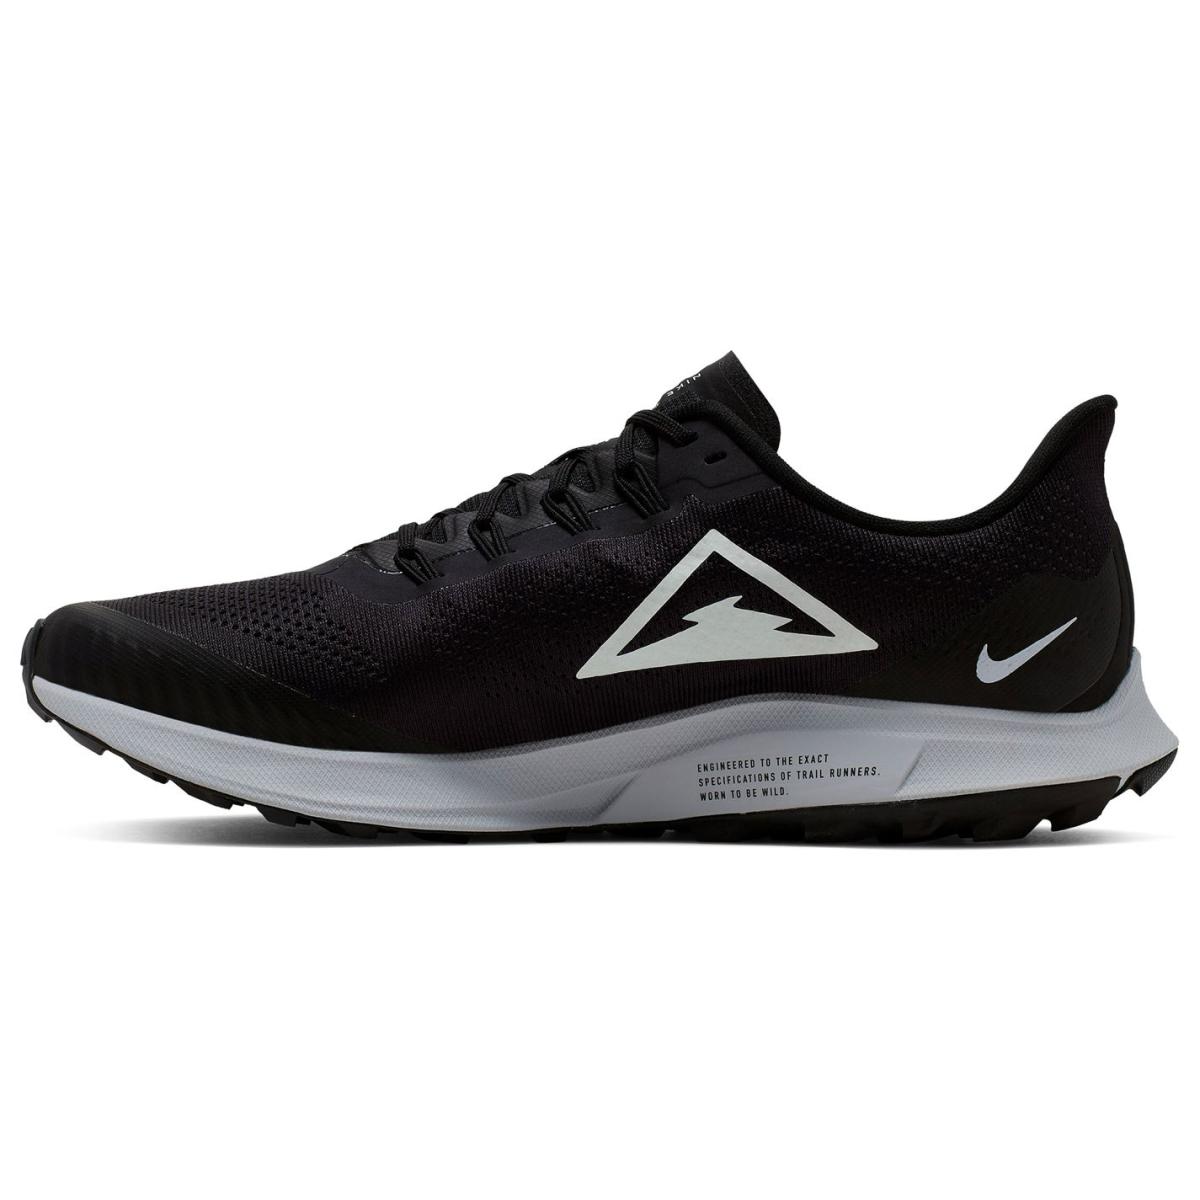 Nike-Pegasus-Trail-Run-Laufschuhe-Herren-Turnschuhe-Sneaker-Sportschuhe-3109 Indexbild 3